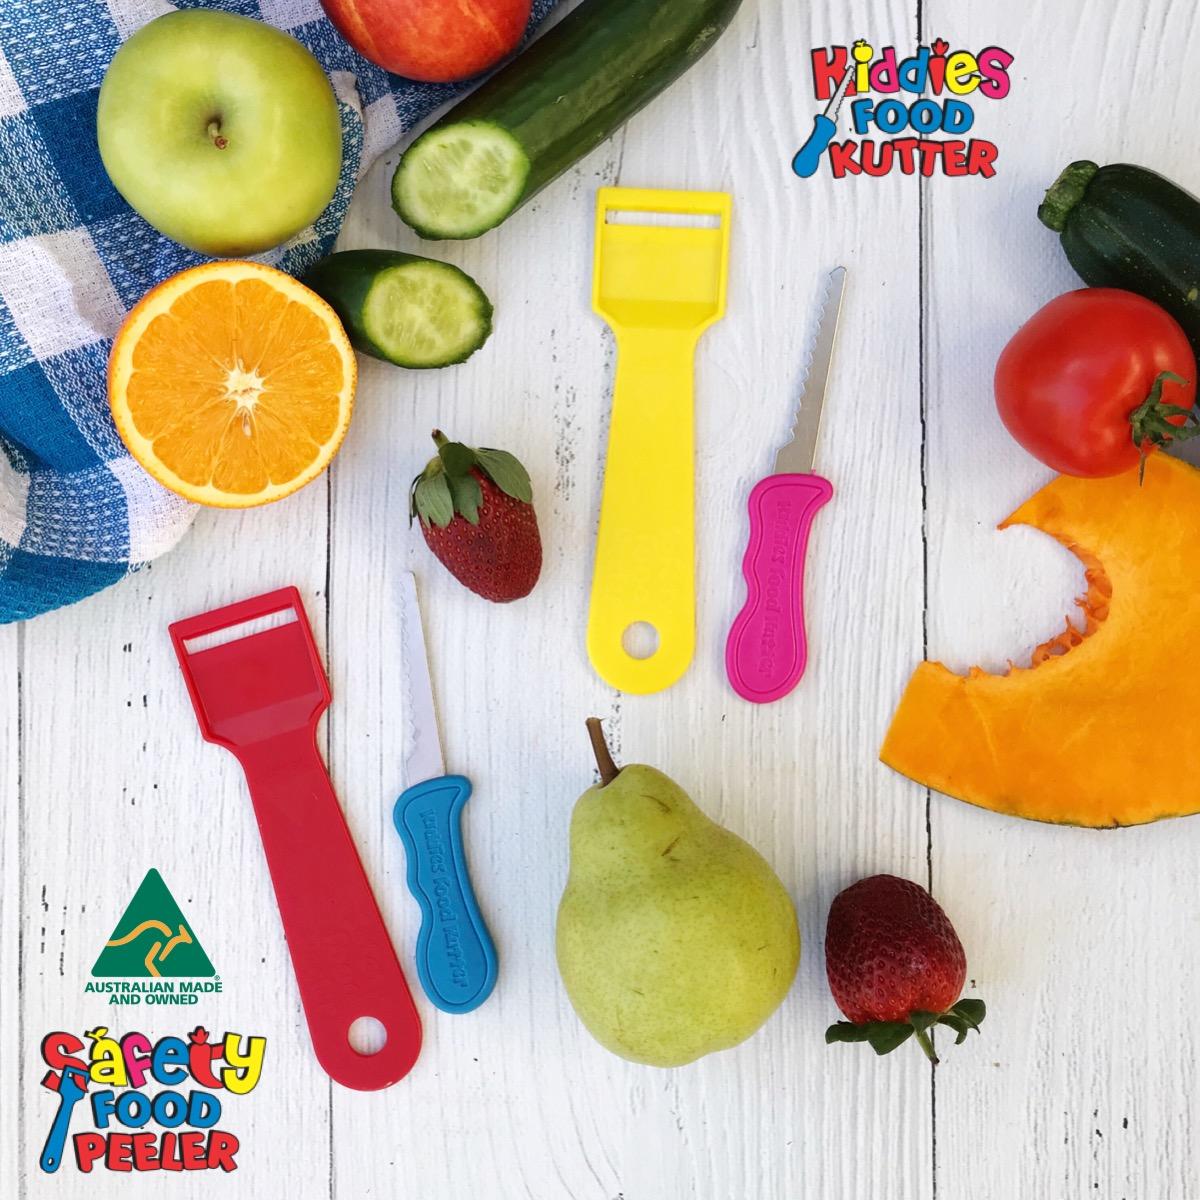 kiddies-food-kutter-safety-food-peeler-4-pack-3